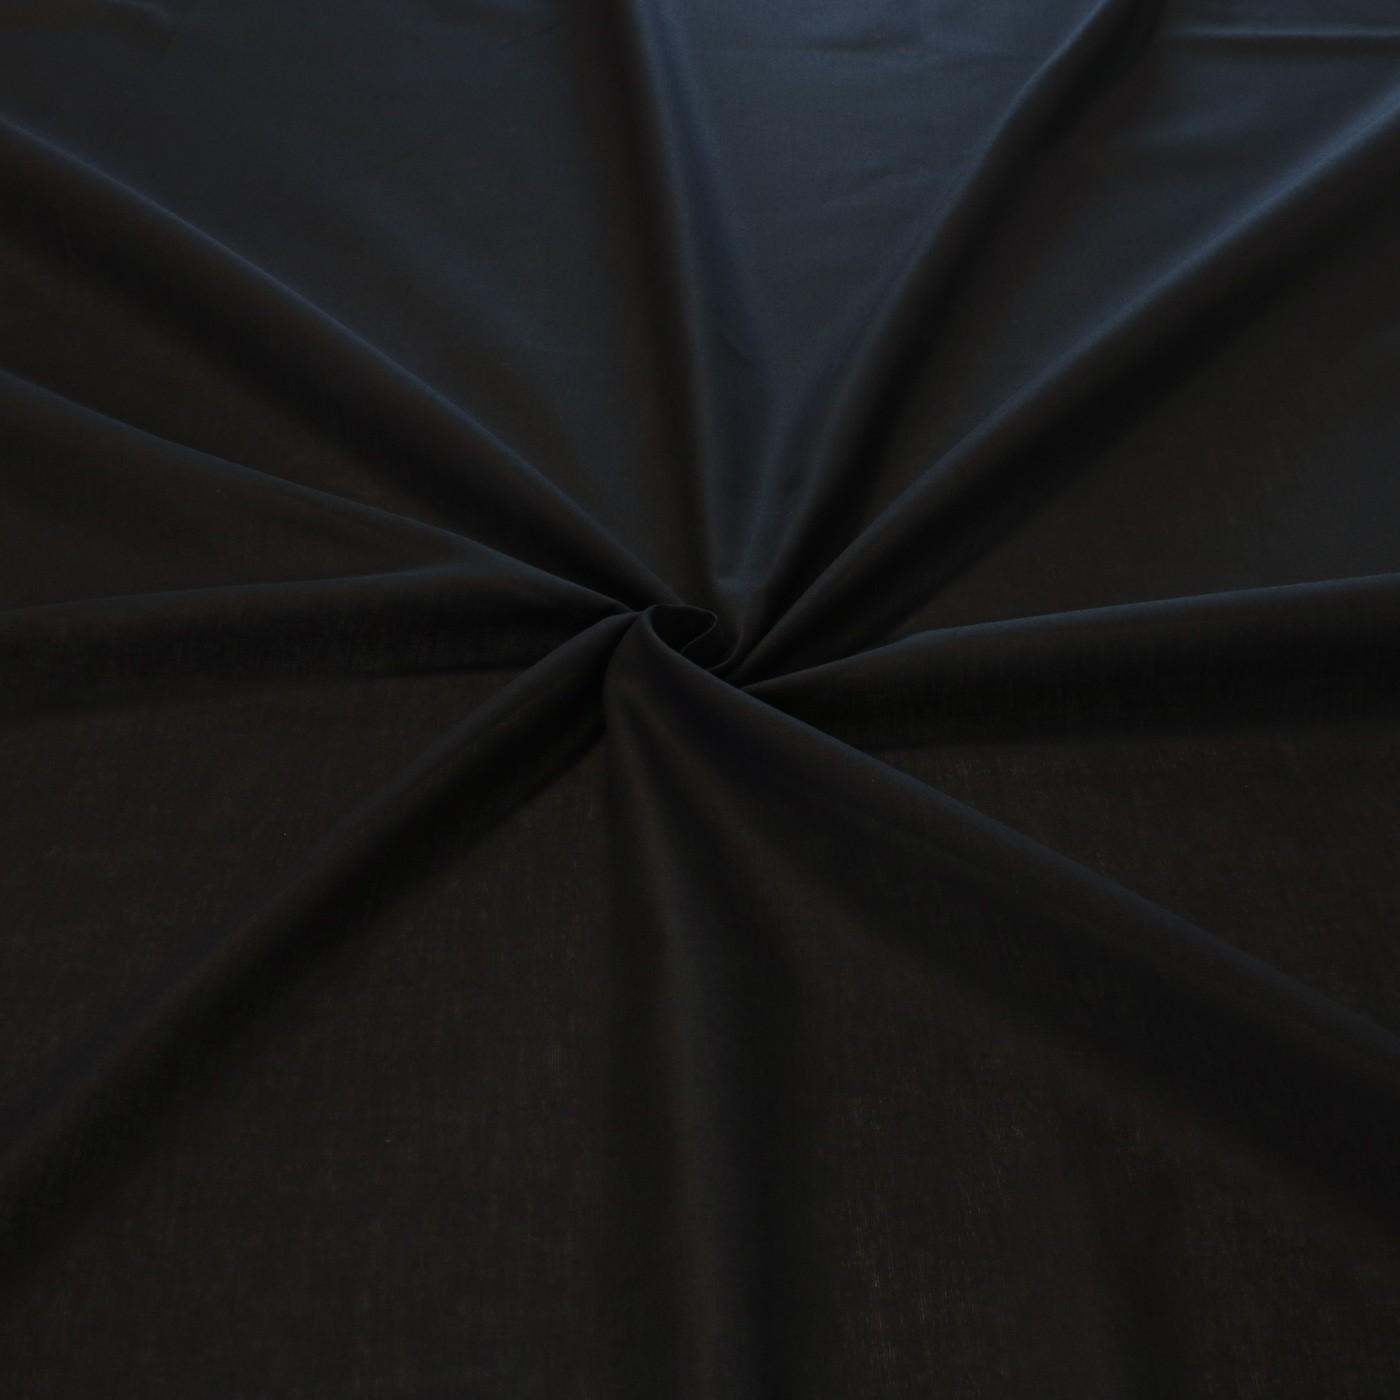 Tecido tricoline liso 50% algodão 50% poliéster preto